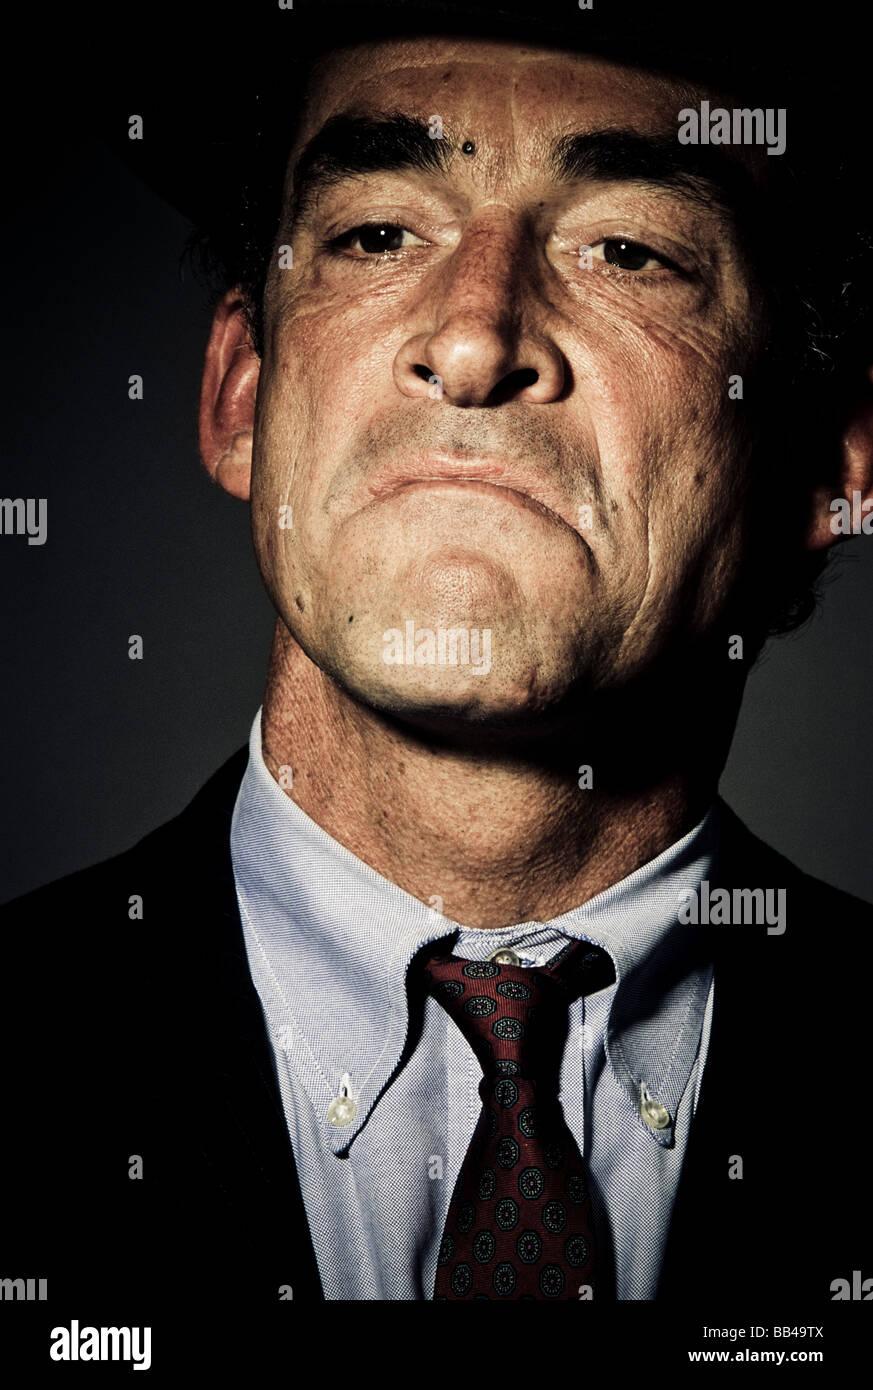 Niedrigen Winkel, Nahaufnahme, Frontansicht von einem reifen Mann im Anzug mit einem selbstgefälligen Ausdruck Stockbild